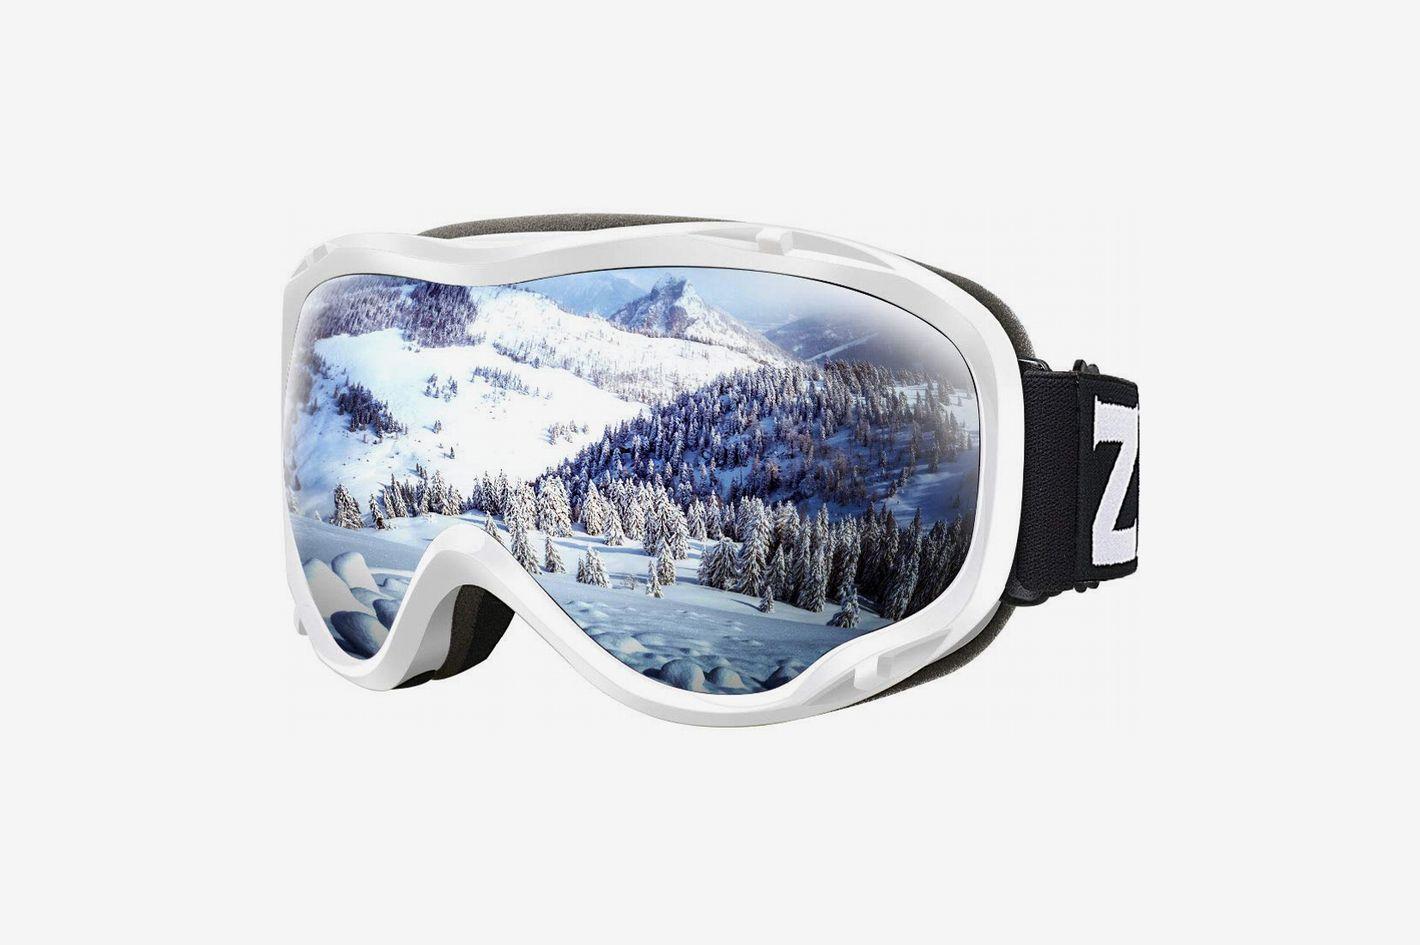 1c88bccc72f3 Zionor Lagopus Ski Goggles